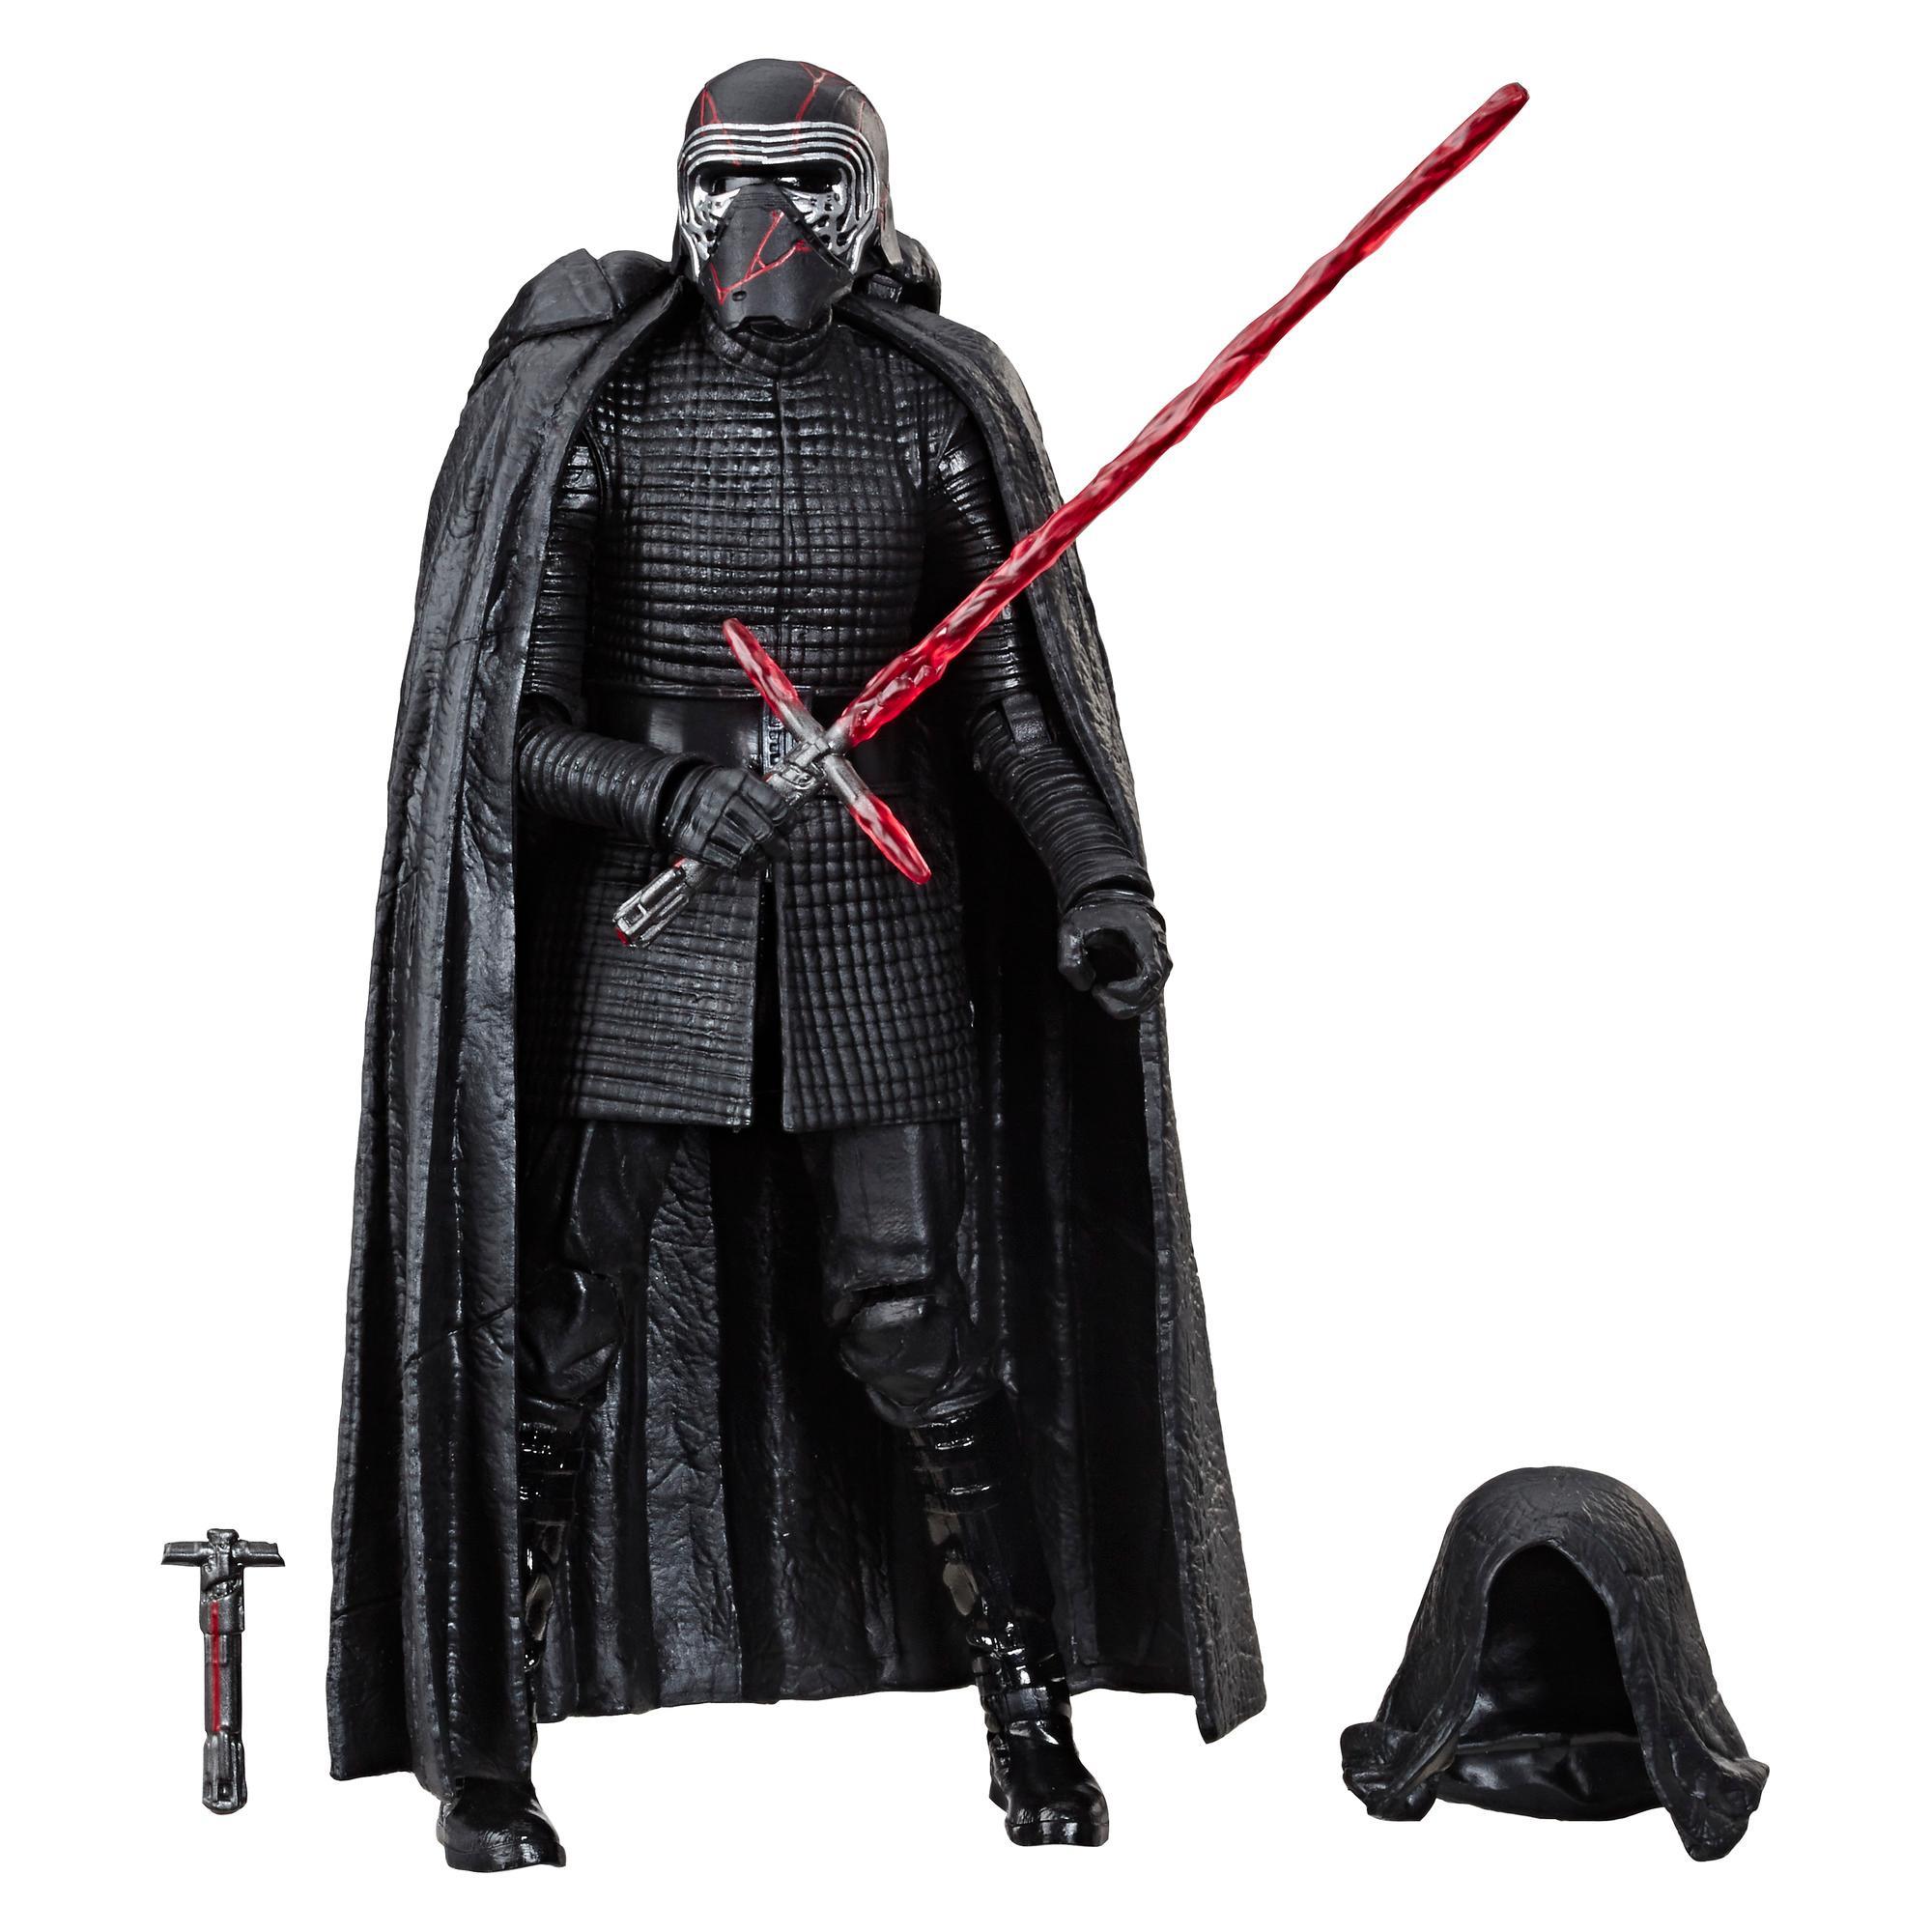 Star Wars The Black Series, Suprême Leader Kylo Ren de 15 cm, Star Wars : L'ascension de Skywalker, à collectionner